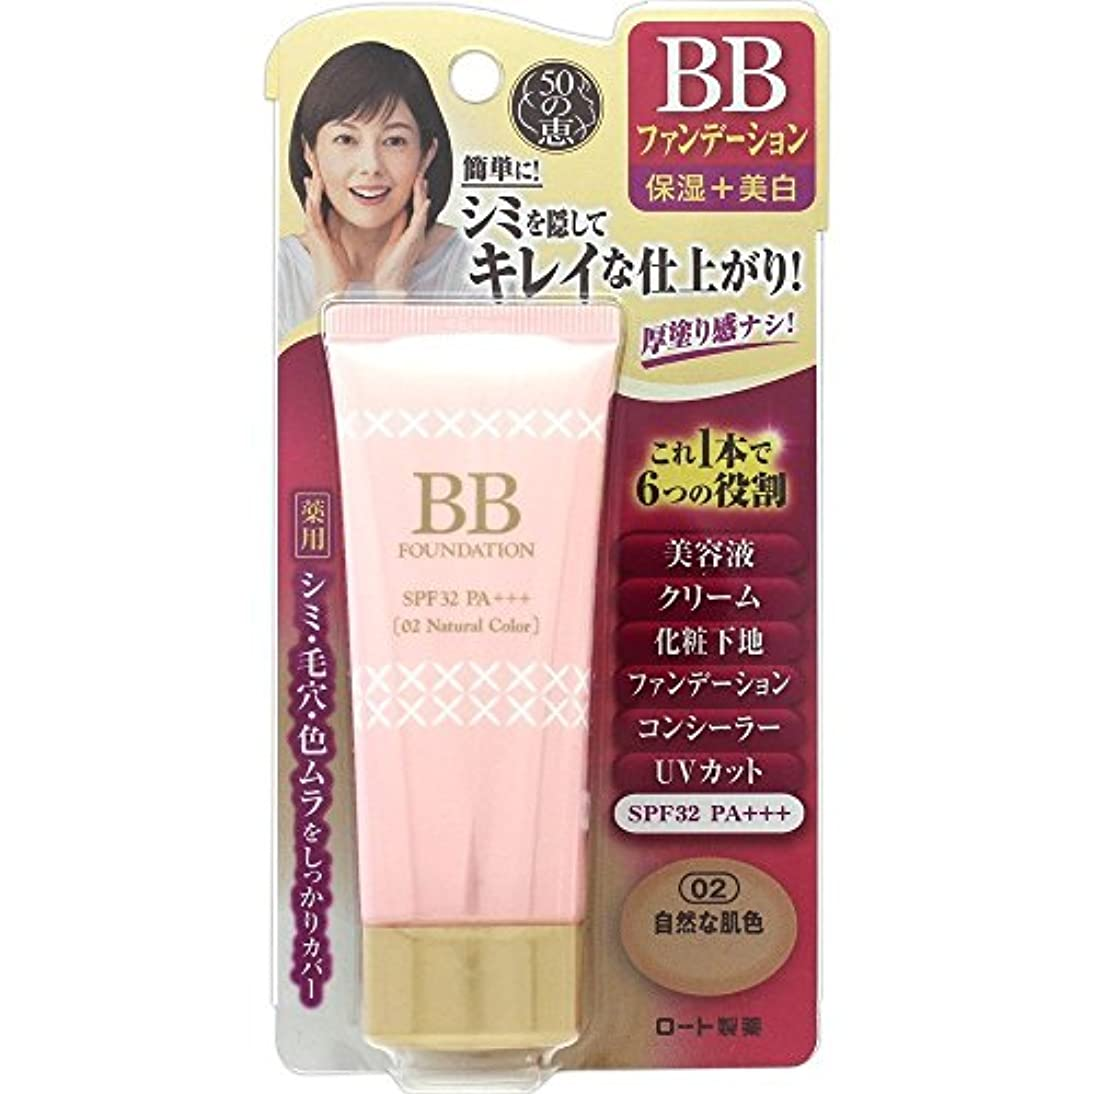 前文スカーフ好ましい50の恵 薬用ホワイトBBファンデーション自然な肌色 45g【医薬部外品】